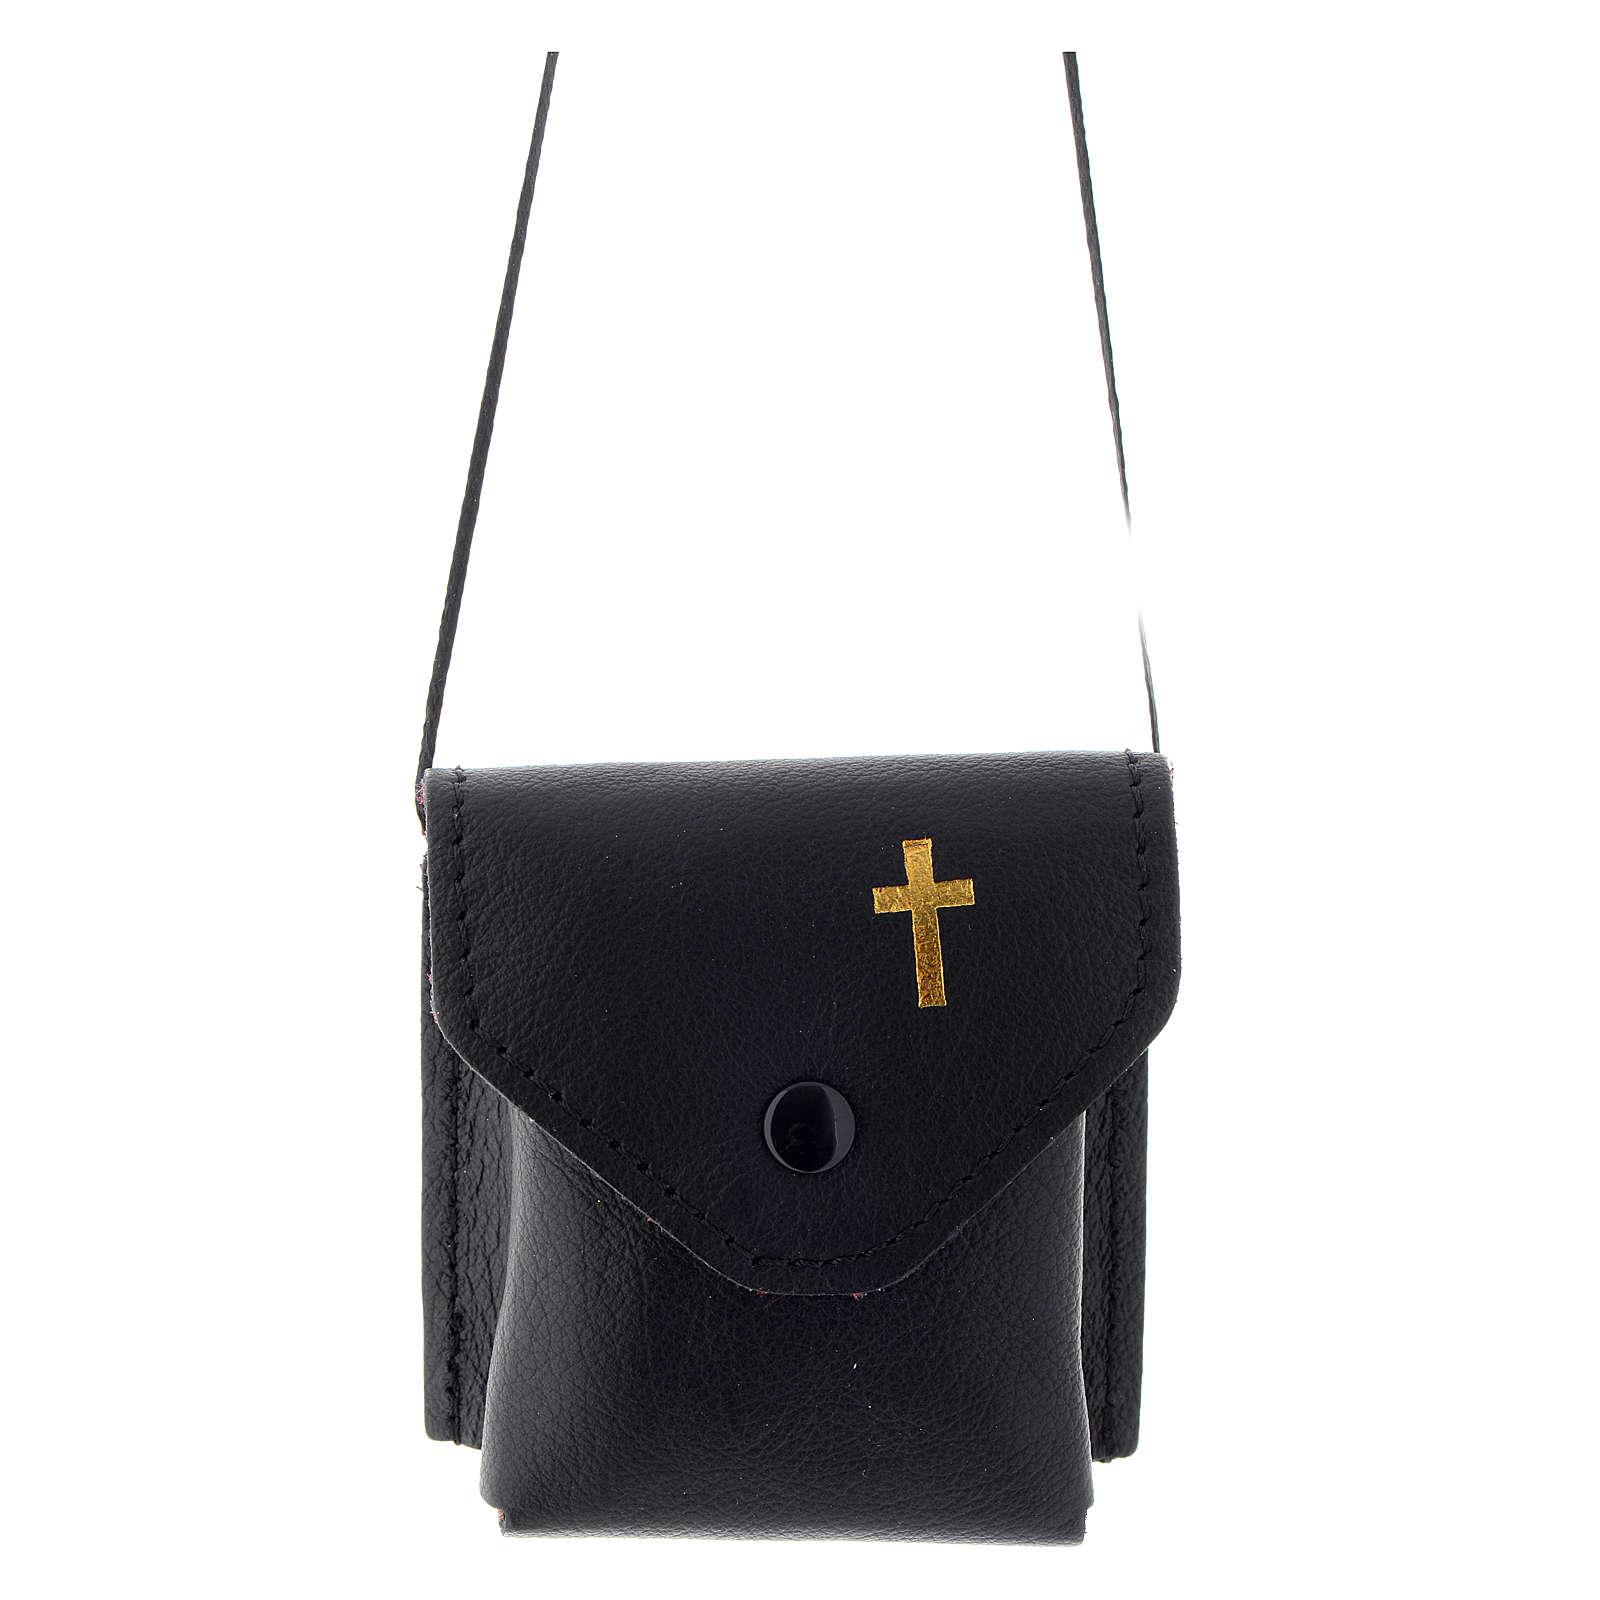 Étui à custode noir 7x7,5 cm vrai cuir 3